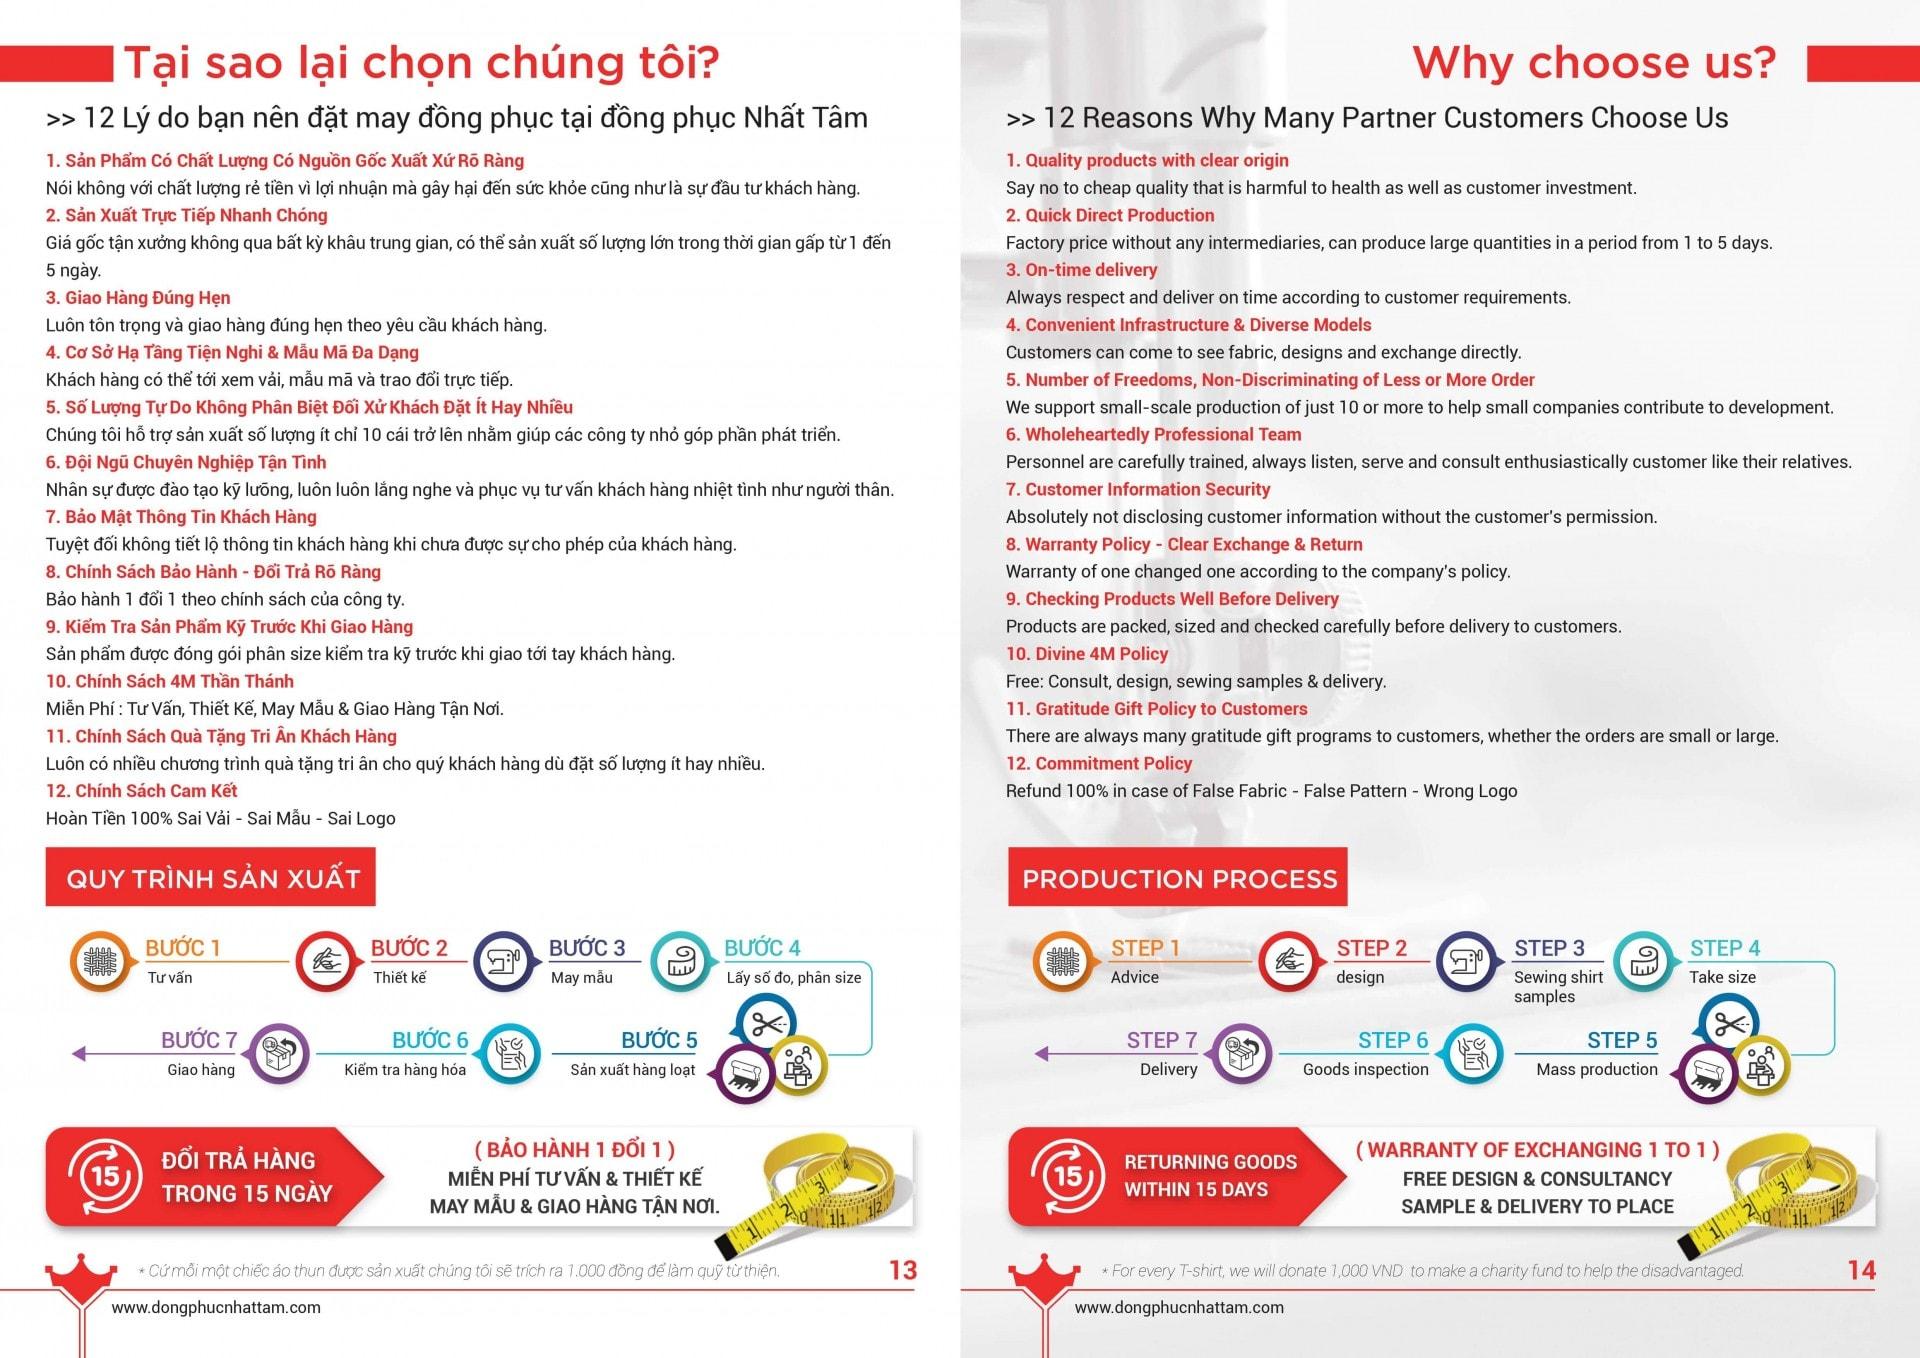 Ho So Chon Chung Toi